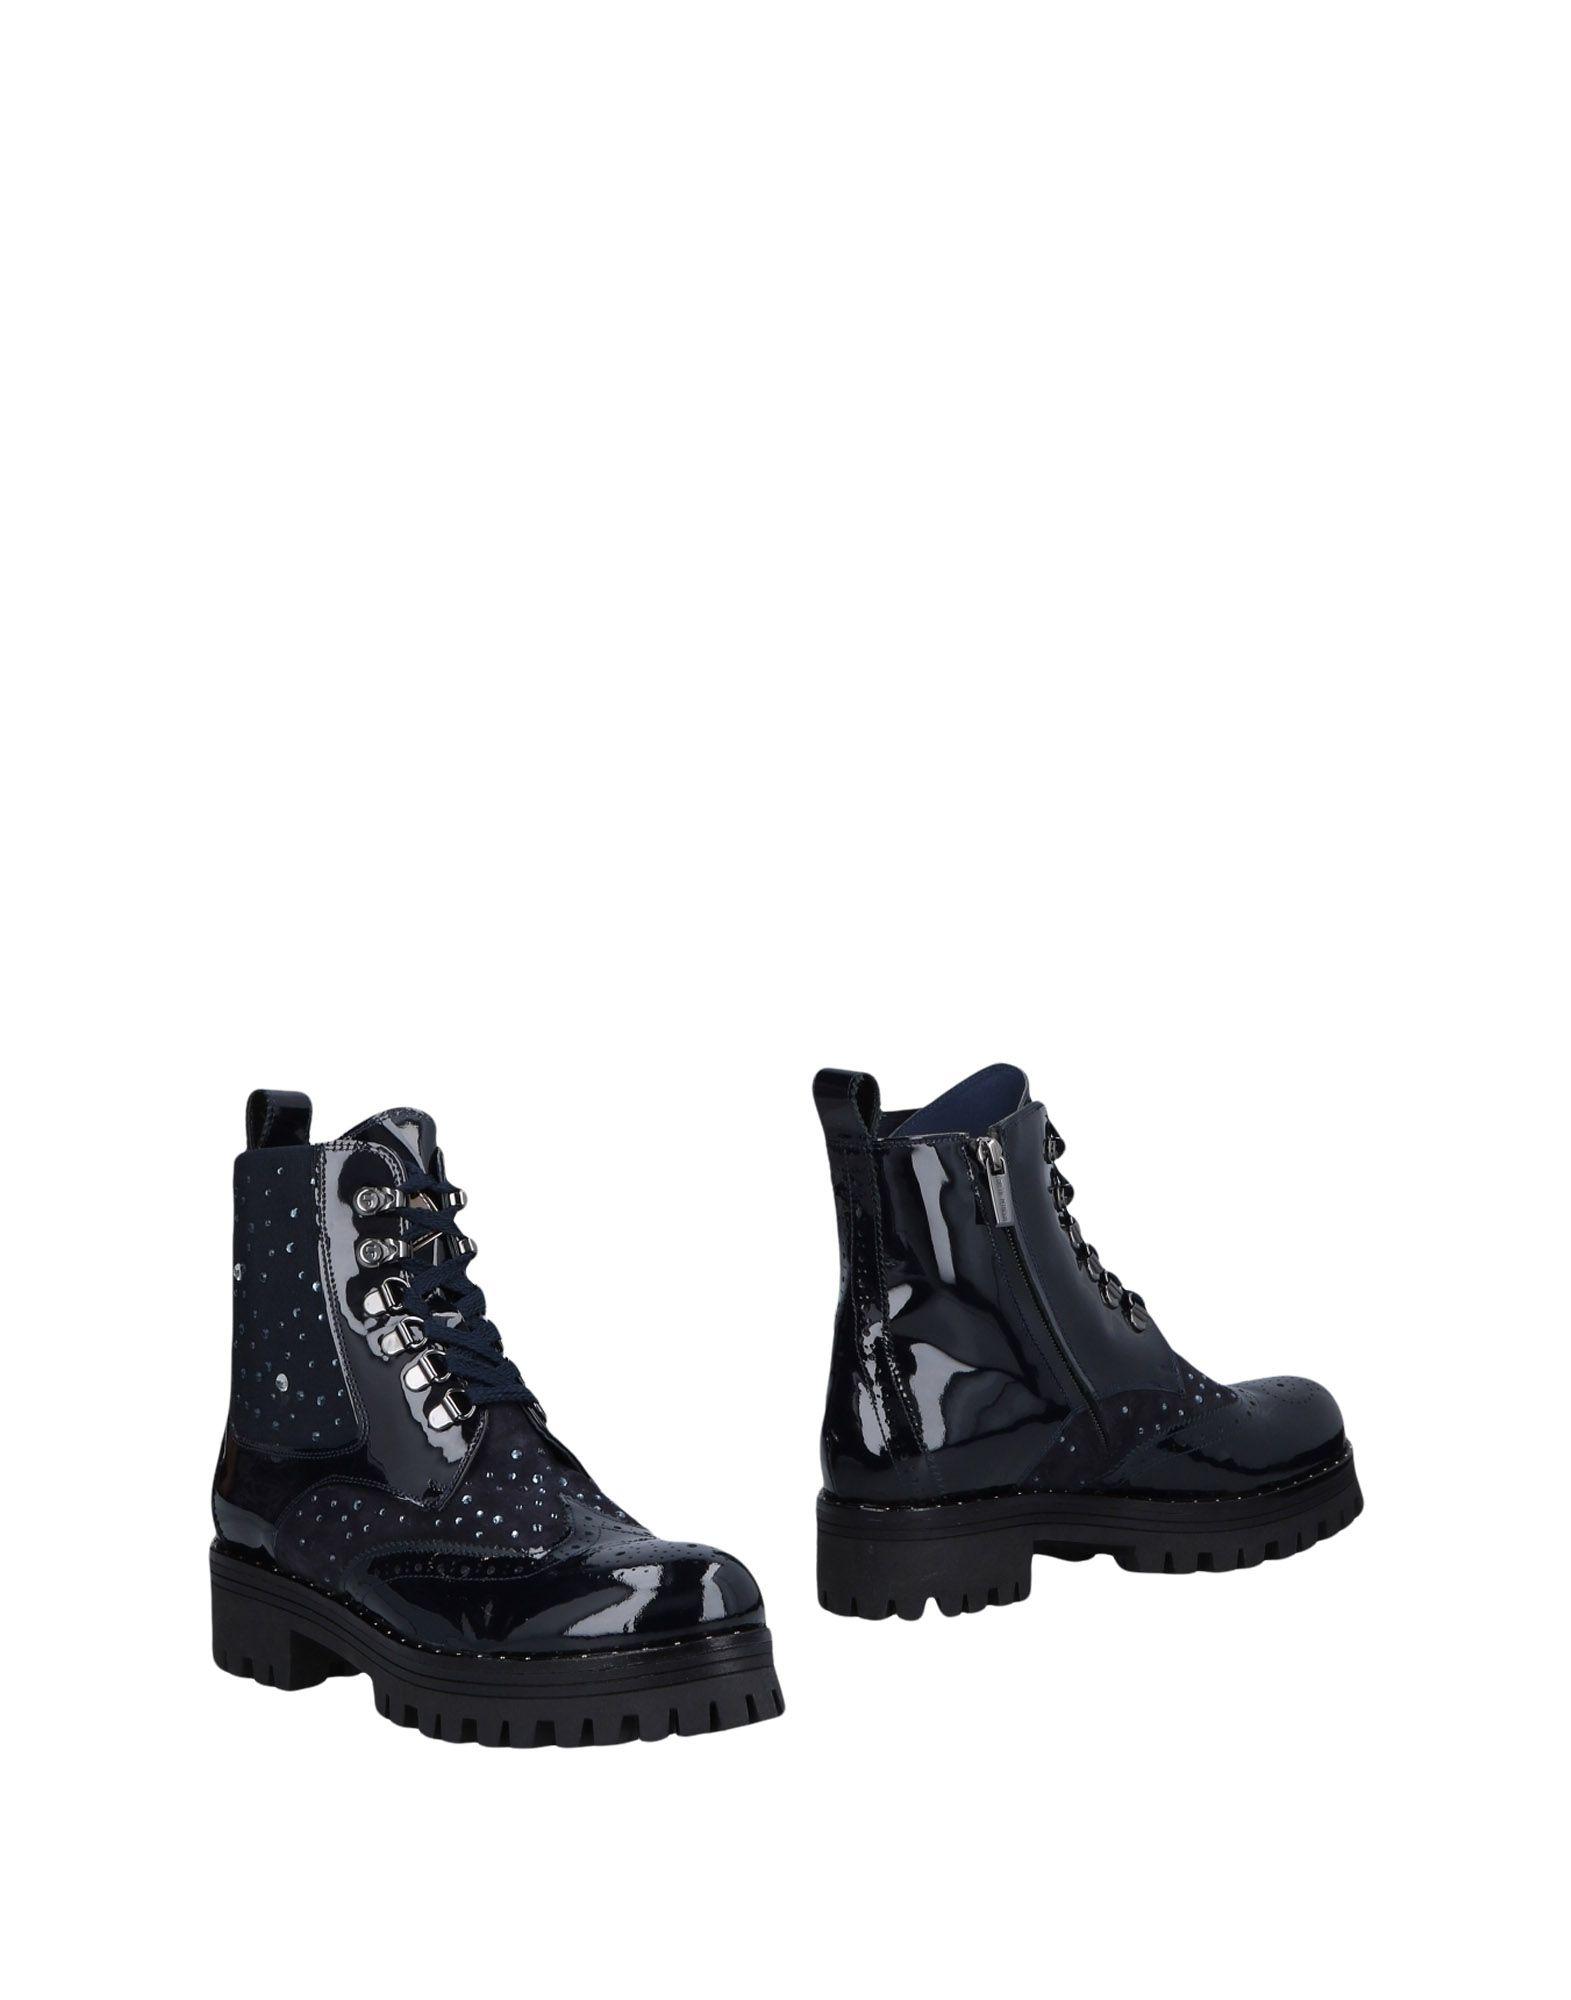 Loretta Pettinari Loretta Ankle Boot - Women Loretta Pettinari Pettinari Ankle Boots online on  Australia - 11471800ID de8eb5